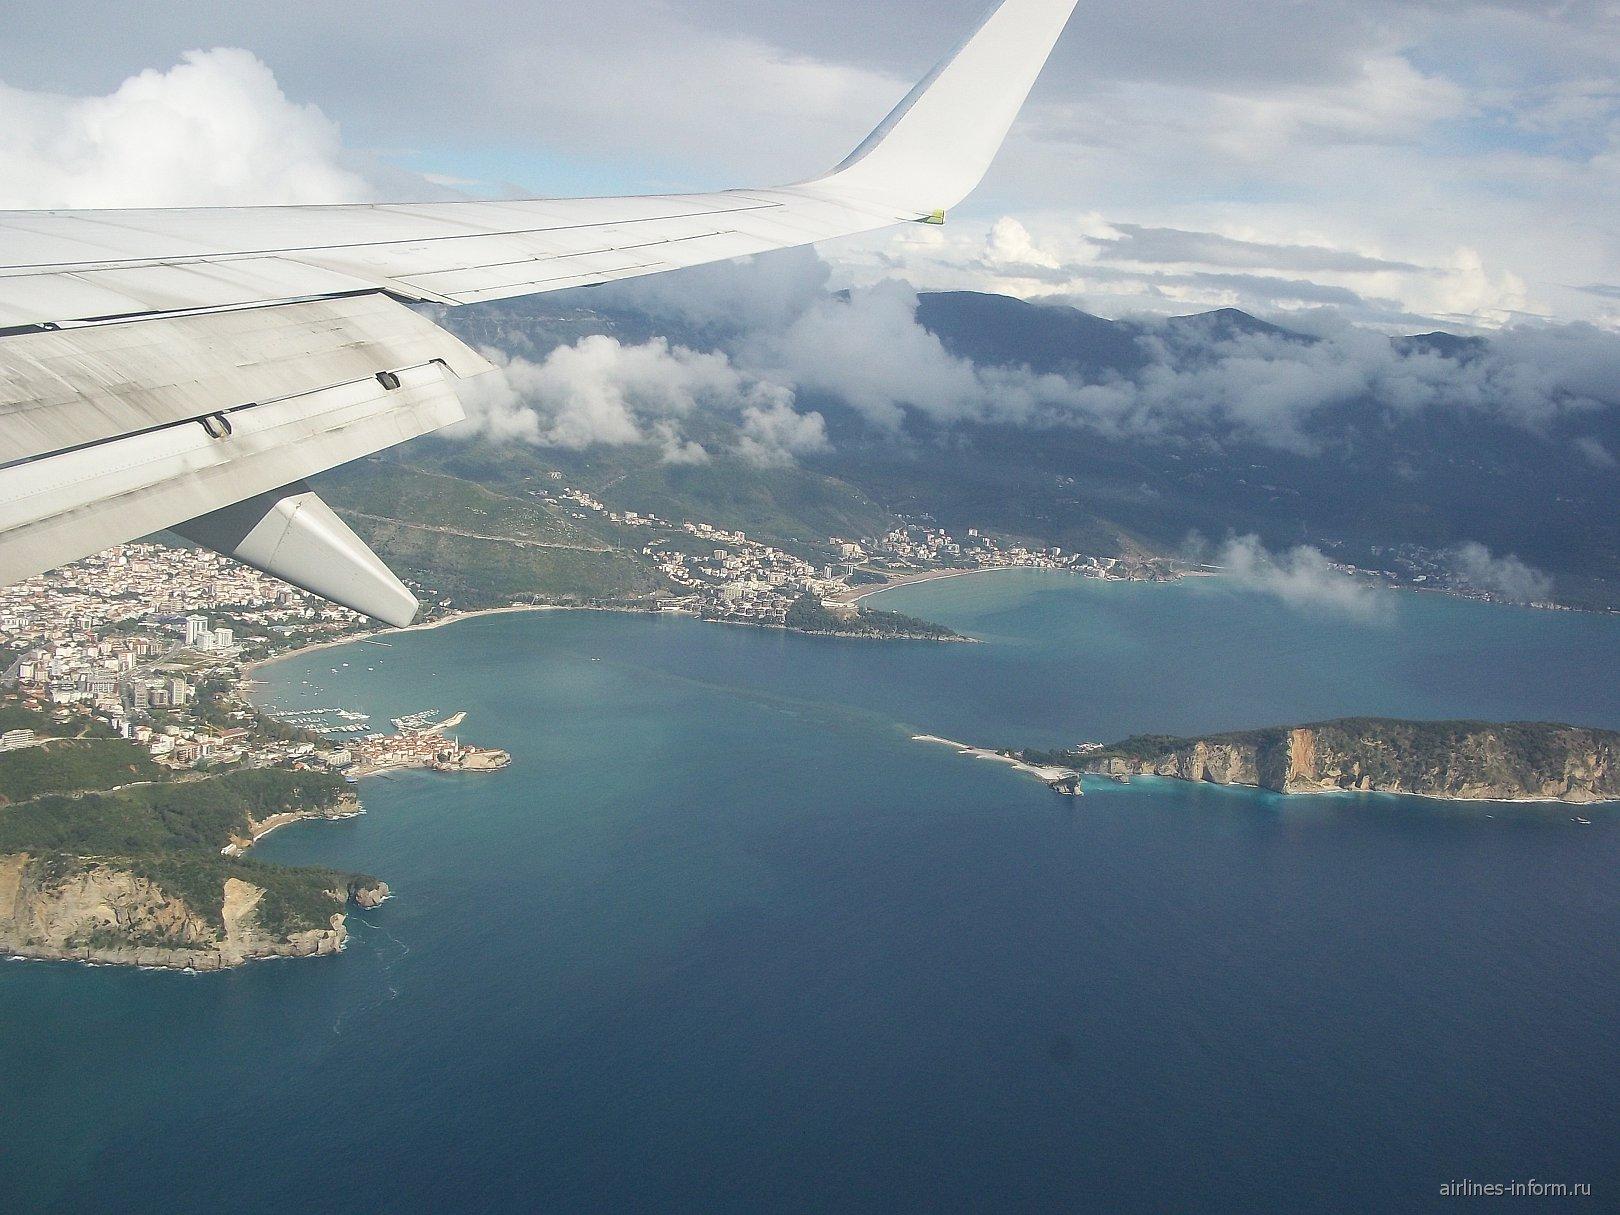 Полет над Будванской бухтой перед посадкой в аэропорту Тиват